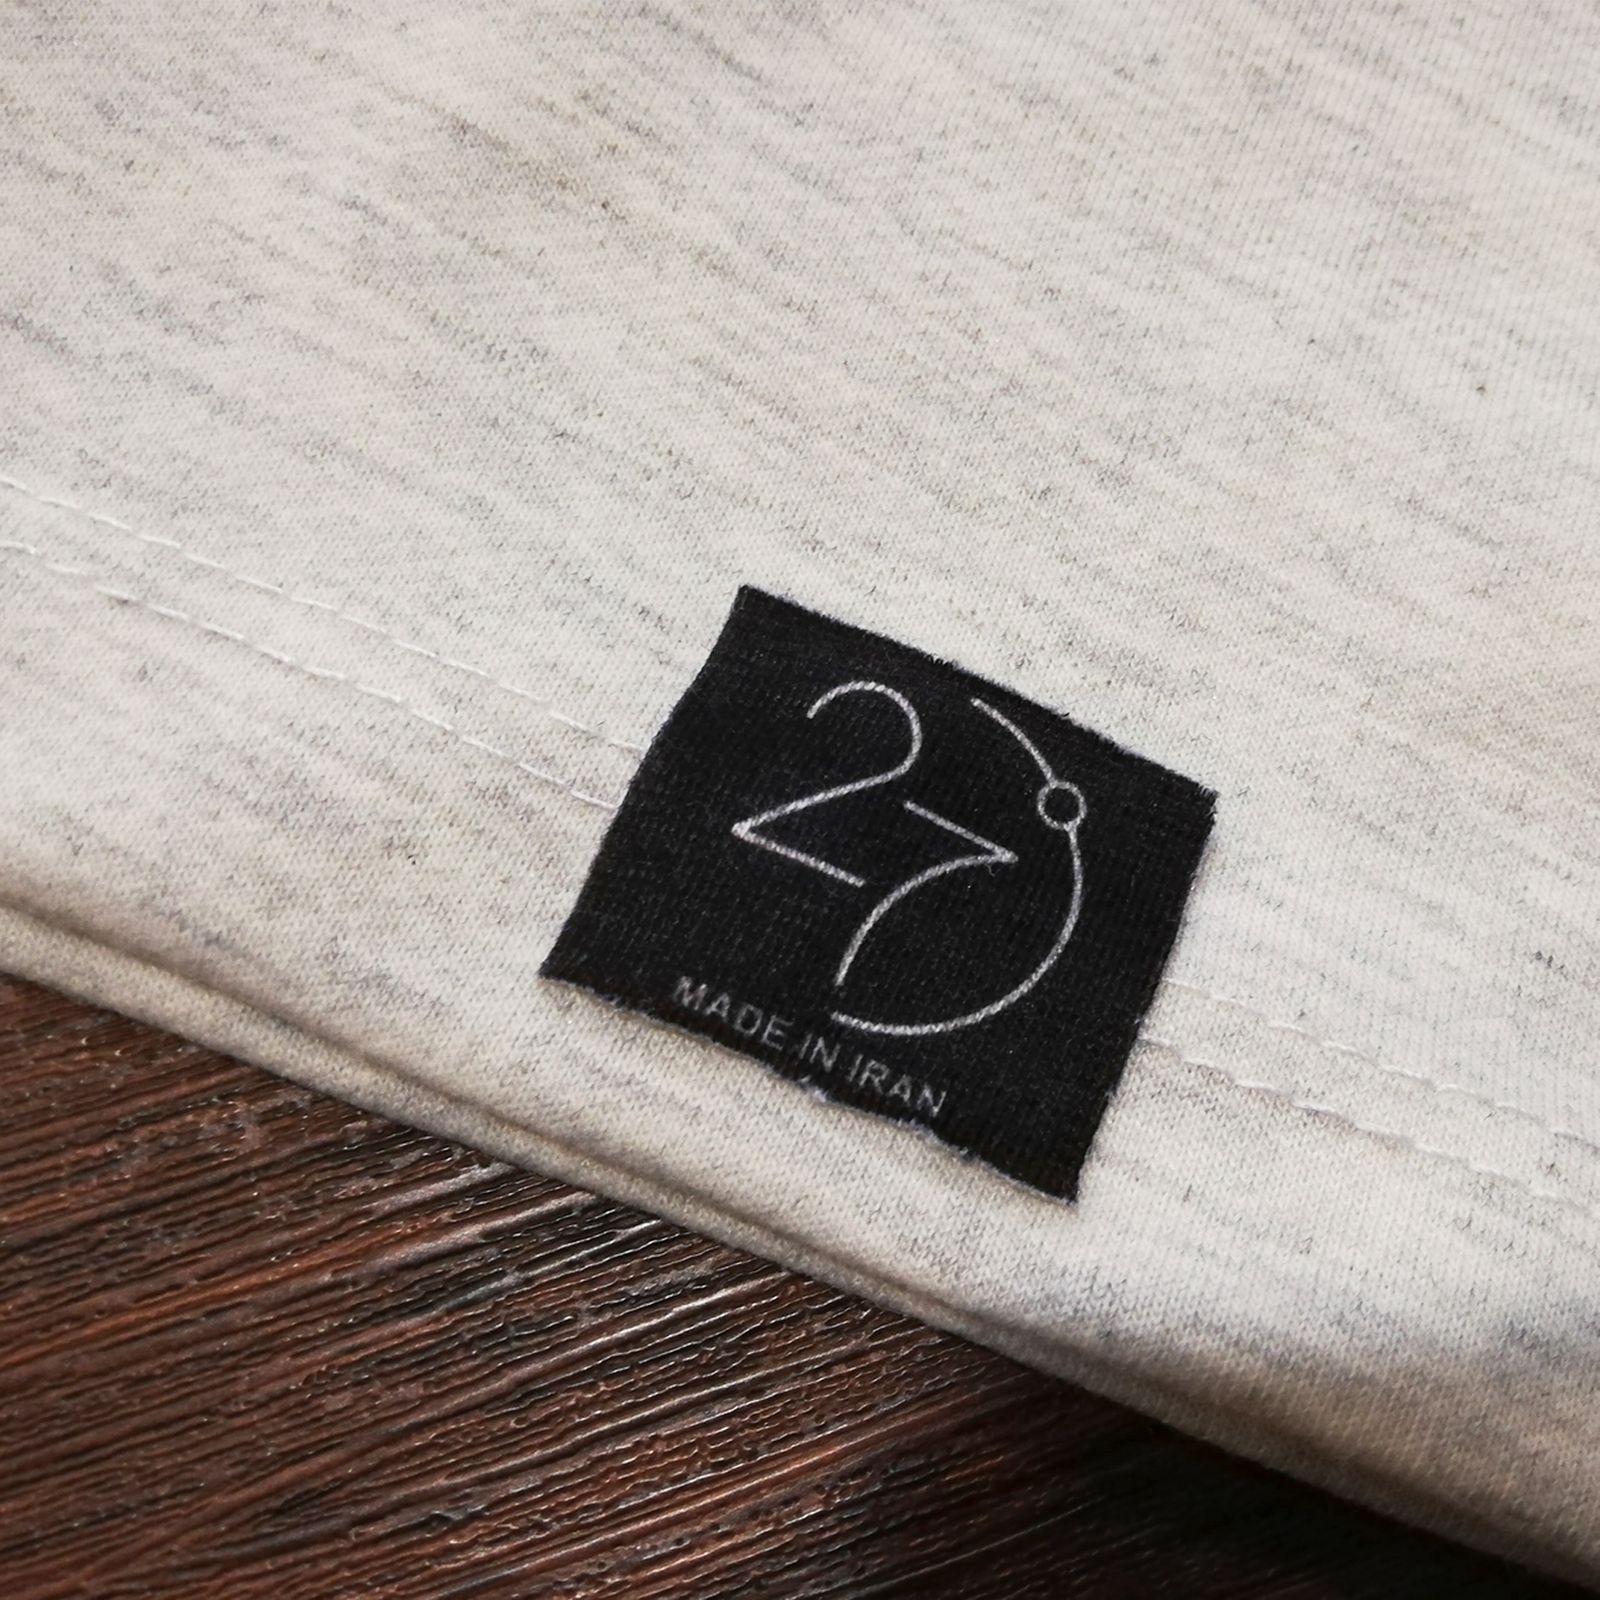 تیشرت مردانه 27 طرح خطاطی قافله کد K11 -  - 4